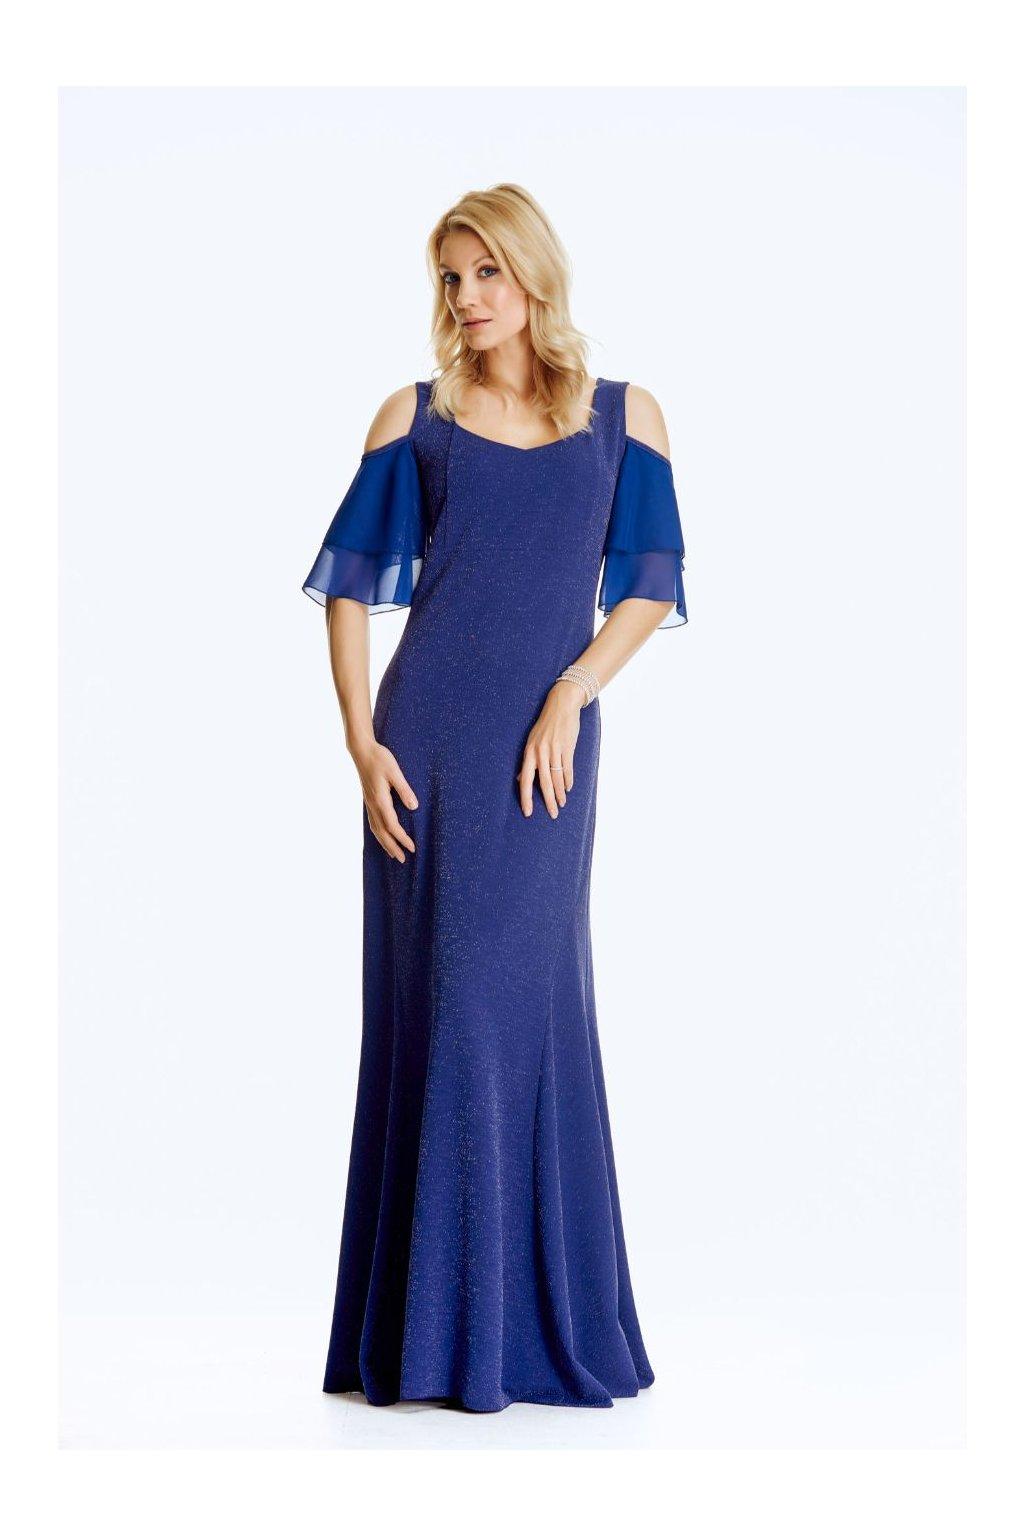 Společenské šaty se šifónovými rukávy dlouhé